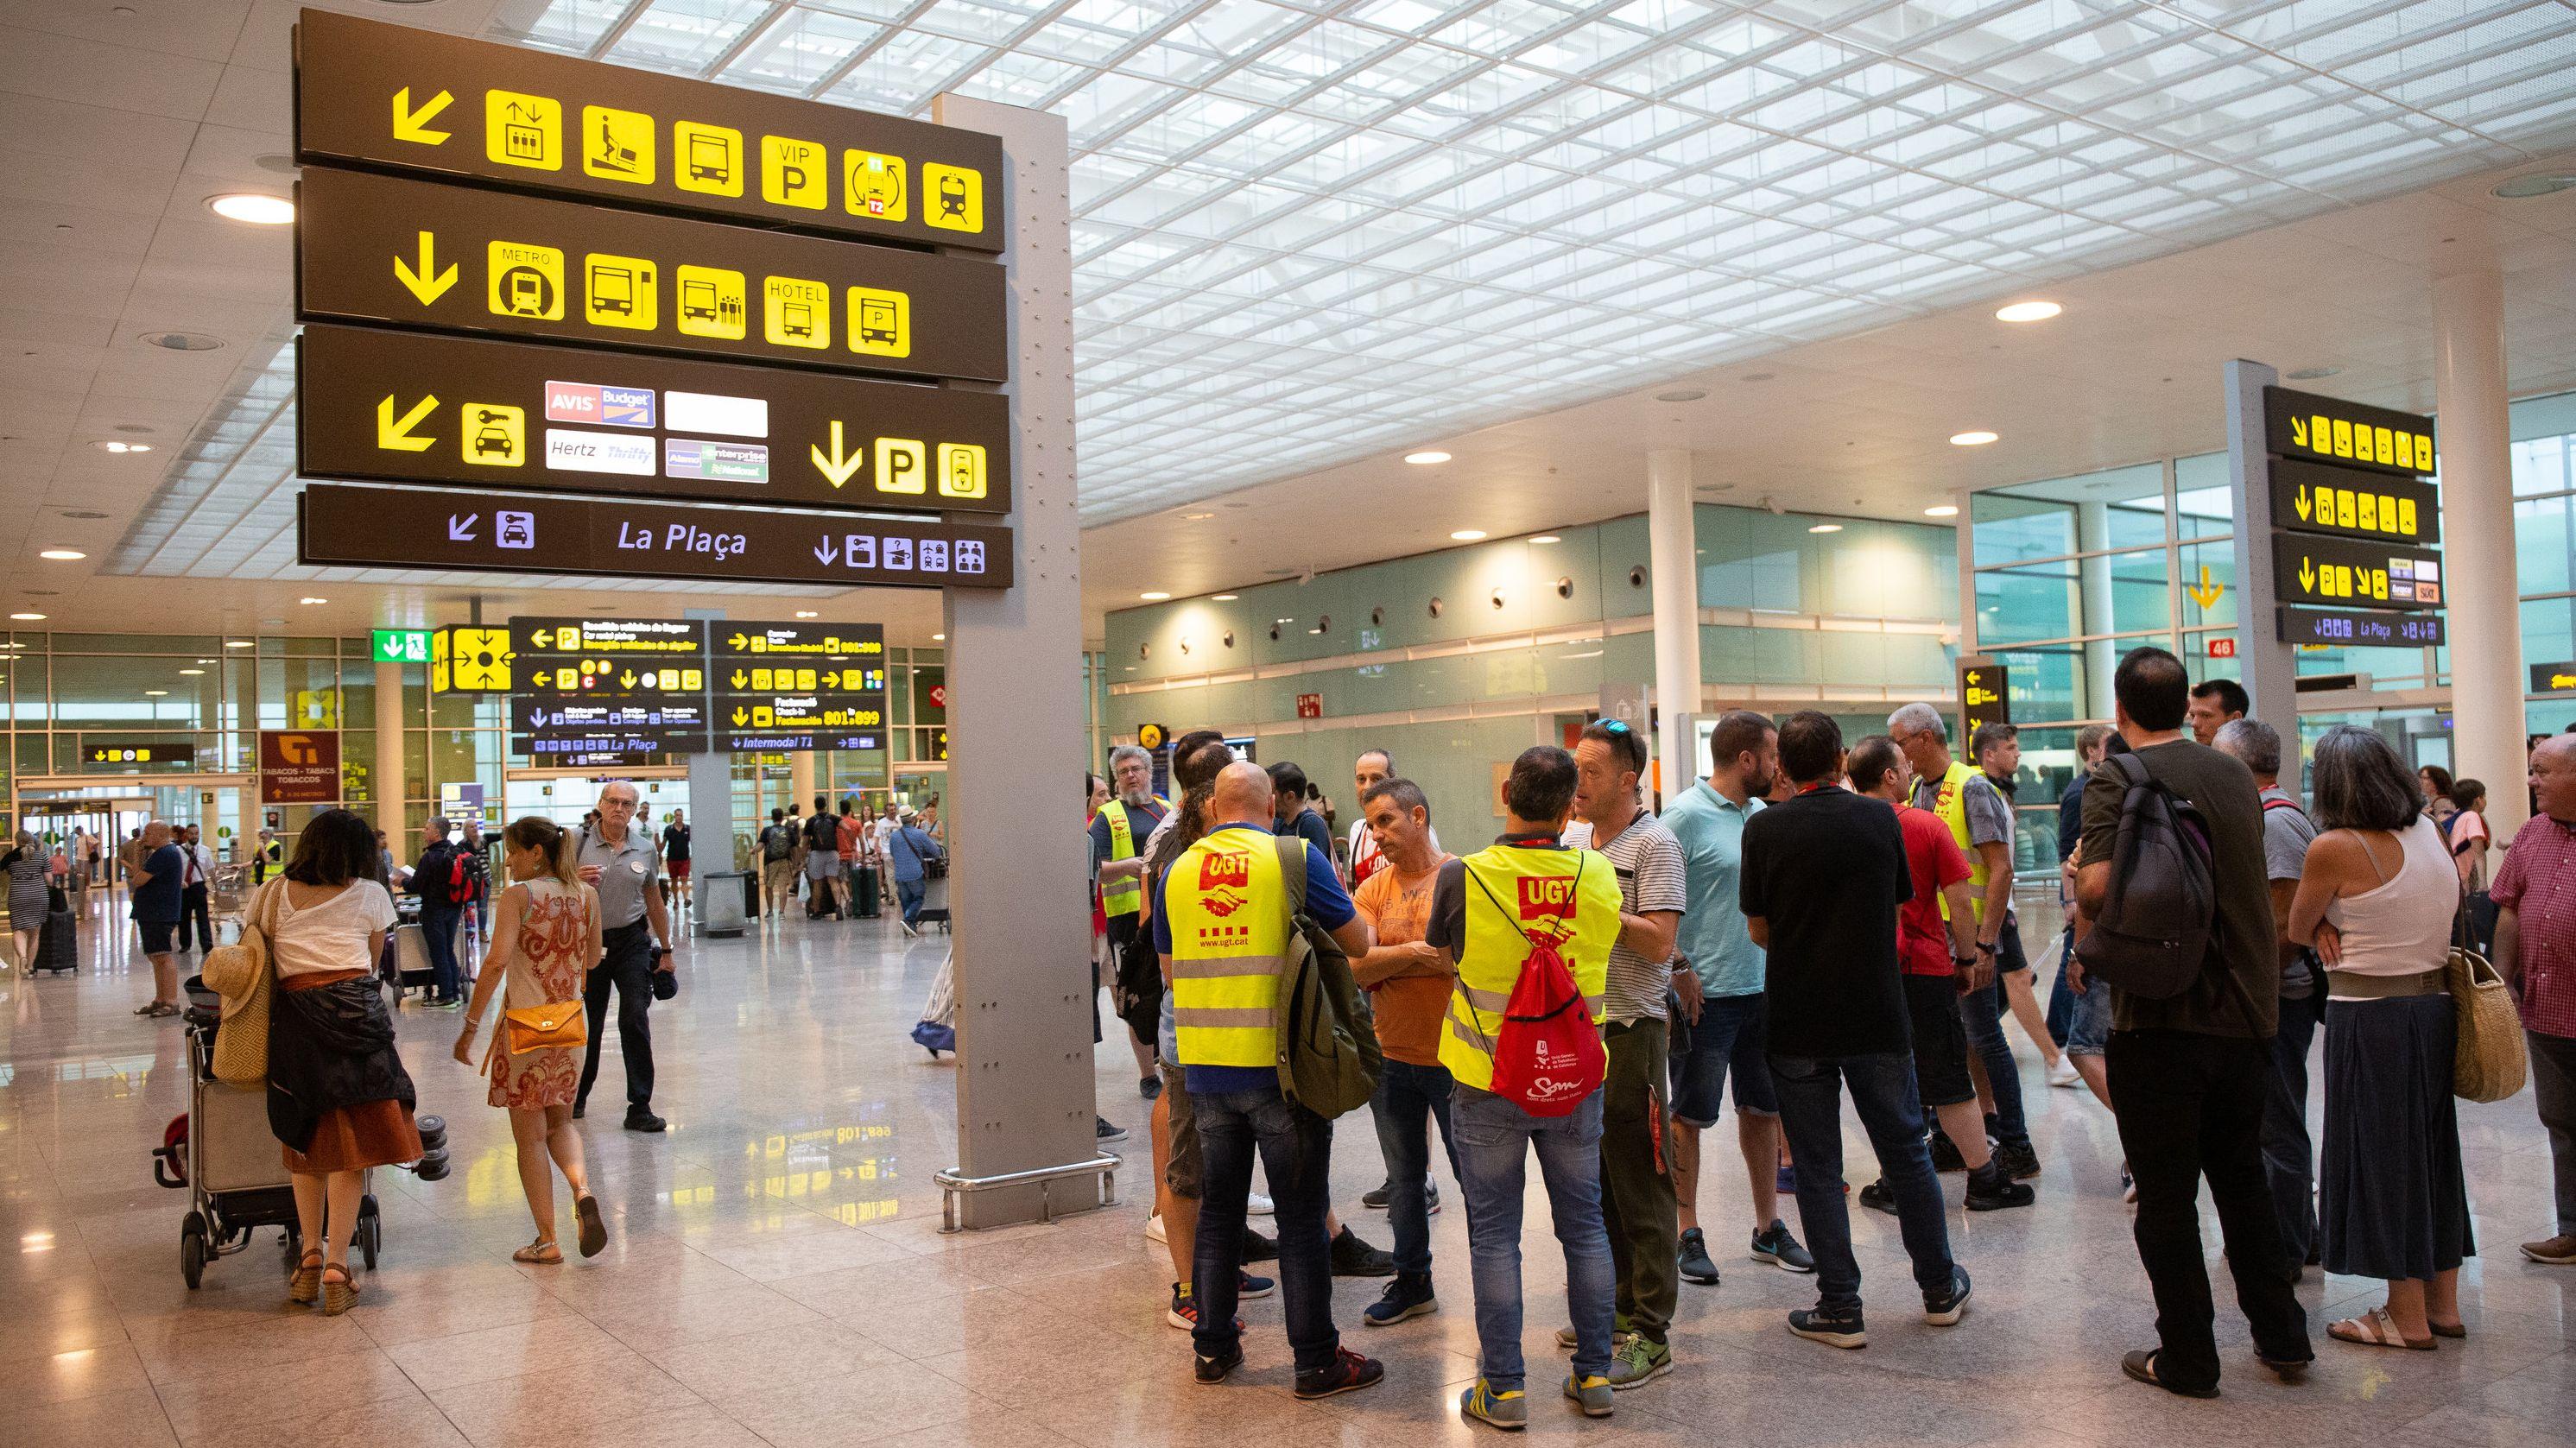 Streik des Bodenpersonals von Iberia am Flughafen El Prat in Barcelona.